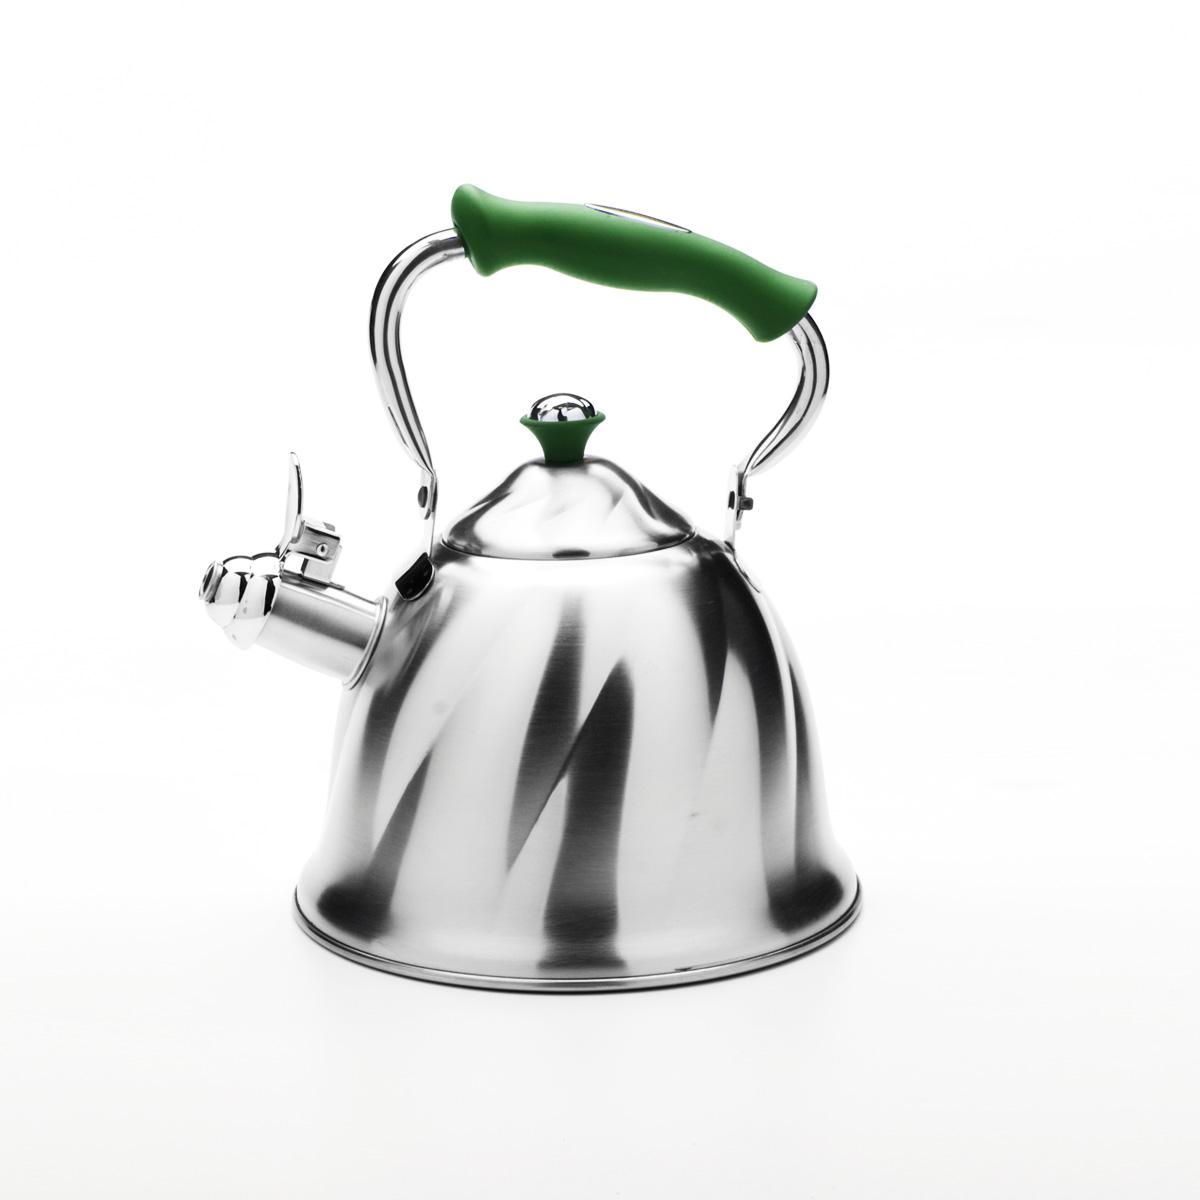 Чайник Mayer & Boch со свистком, цвет: зеленый, 3 л. 2377523775Чайник Mayer & Boch выполнен из высококачественной нержавеющей стали, что обеспечивает долговечность использования. Внешнее матовое покрытие придает приятный внешний вид. Фиксированная ручка из бакелита делает использование чайника очень удобным и безопасным. Чайник снабжен свистком и устройством для открывания носика. Можно мыть в посудомоечной машине. Пригоден для всех видов плит, кроме индукционных.